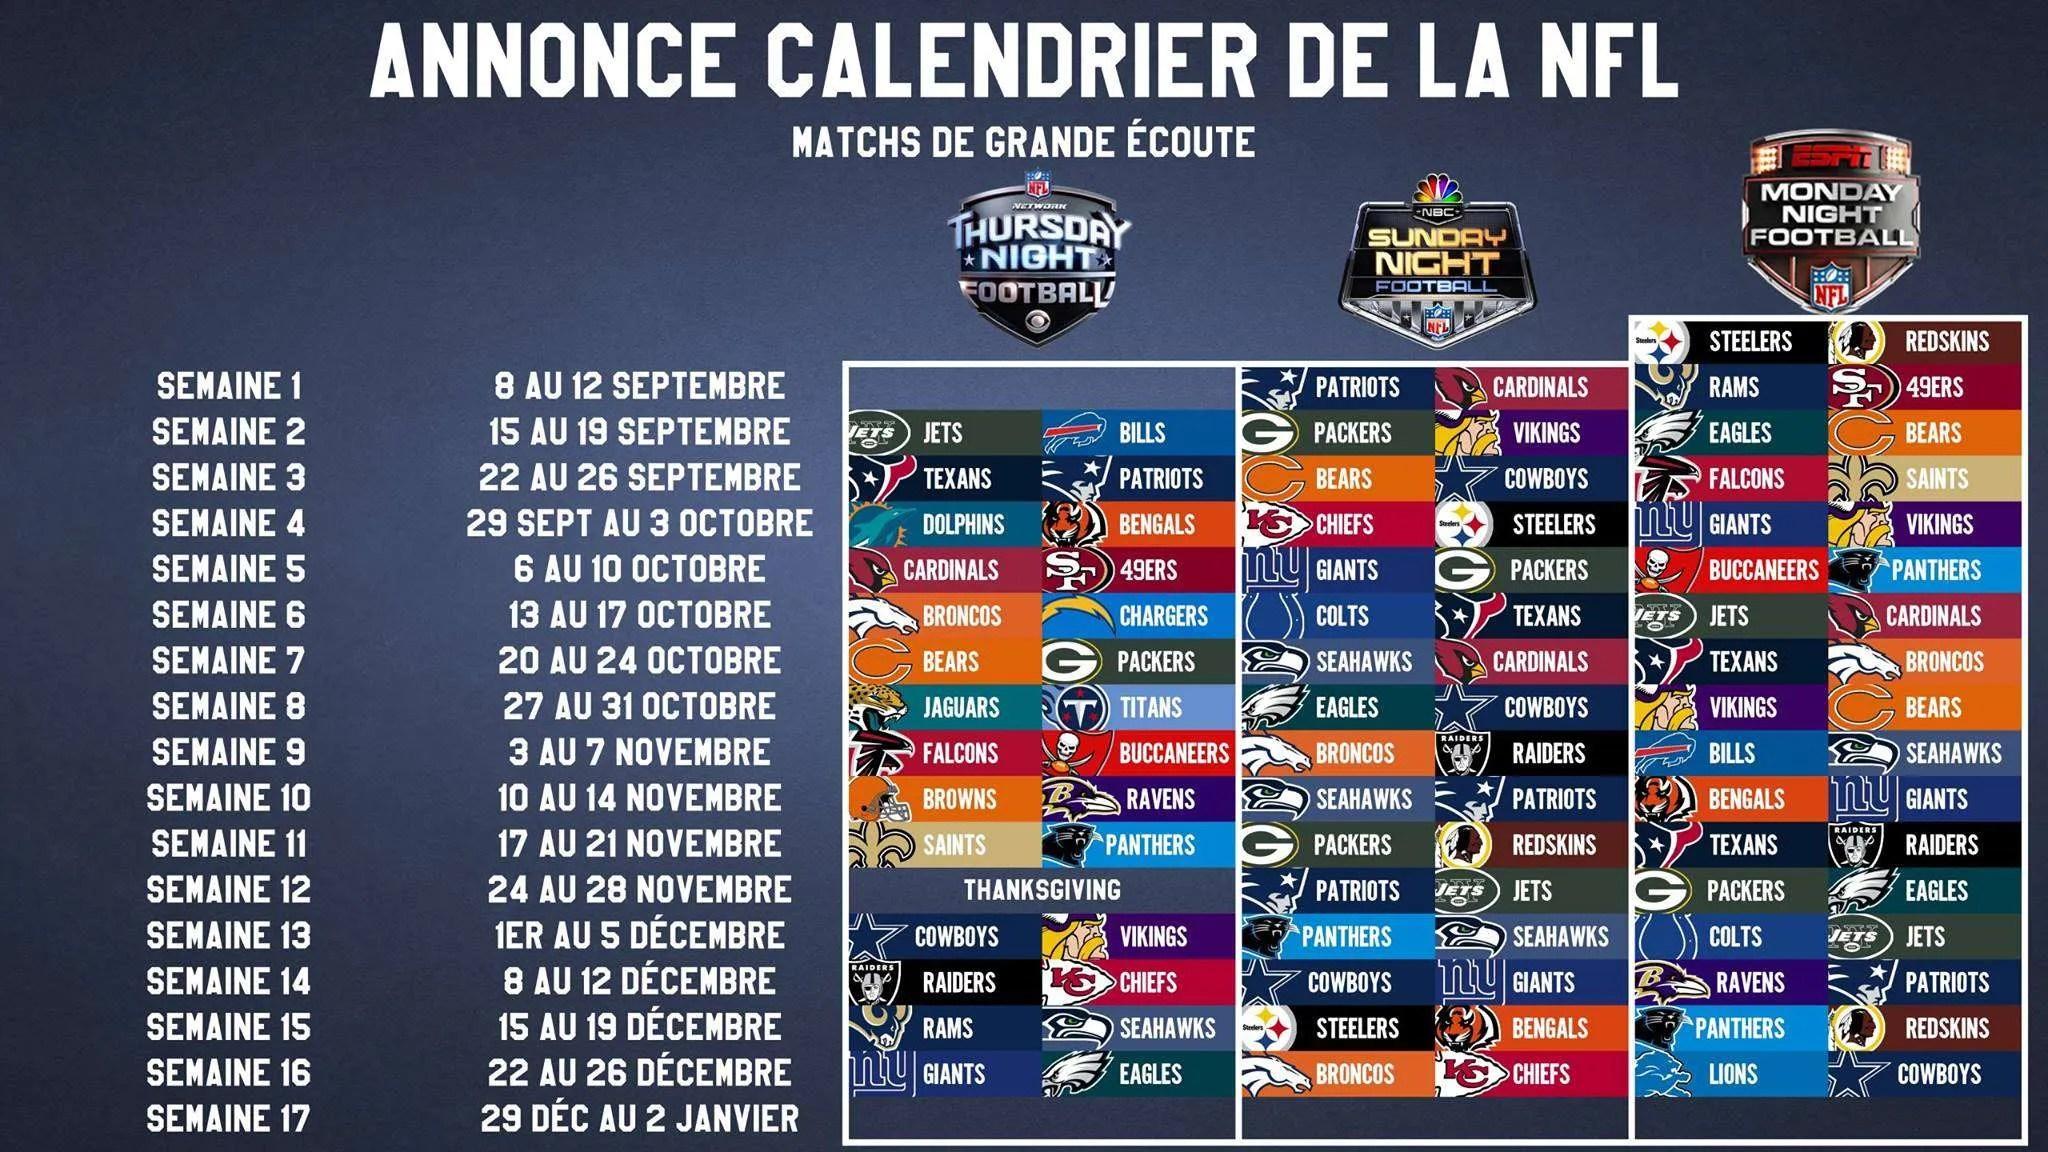 Le calendrier nfl 2016 d voil le blitz nfl - Date des saisons 2016 ...